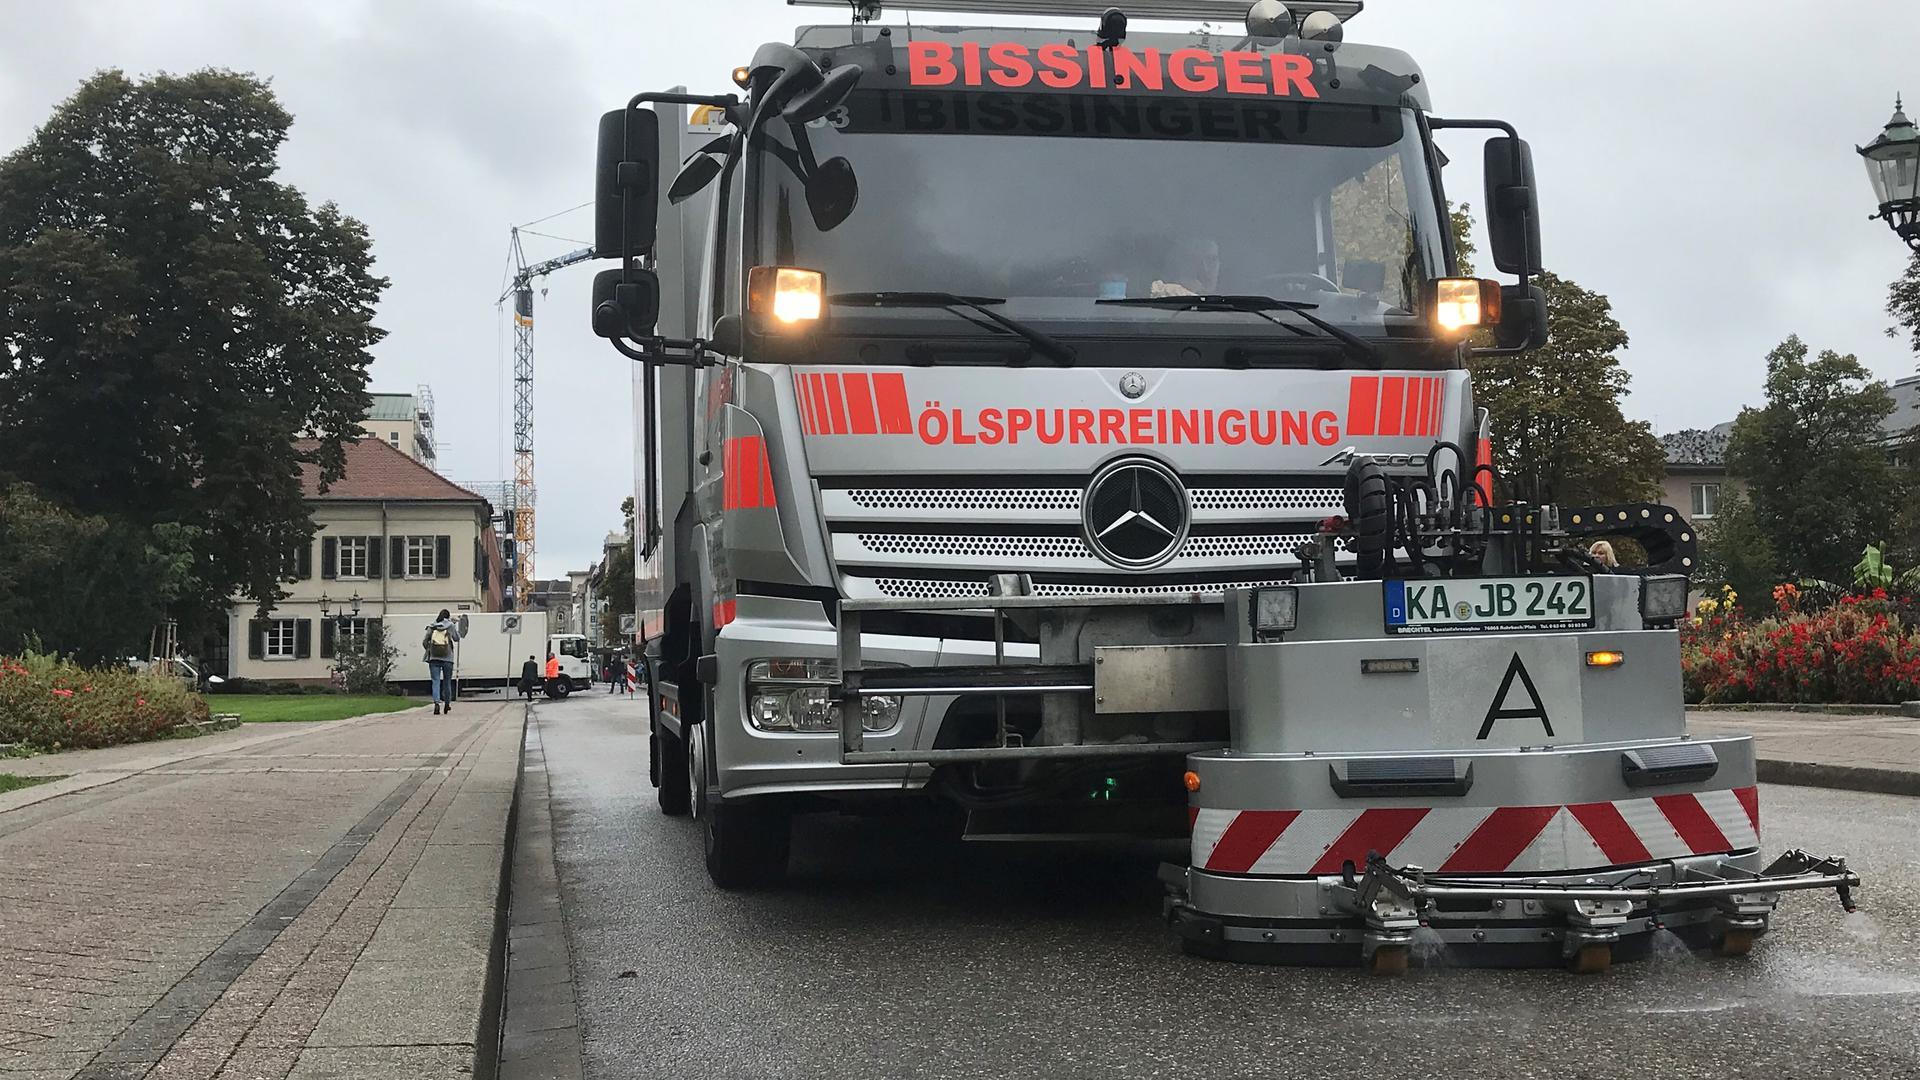 Spezialfahrzeuge sind im Einsatz, um die Karlsruher Innenstadt von der Ölspur zu befreien.